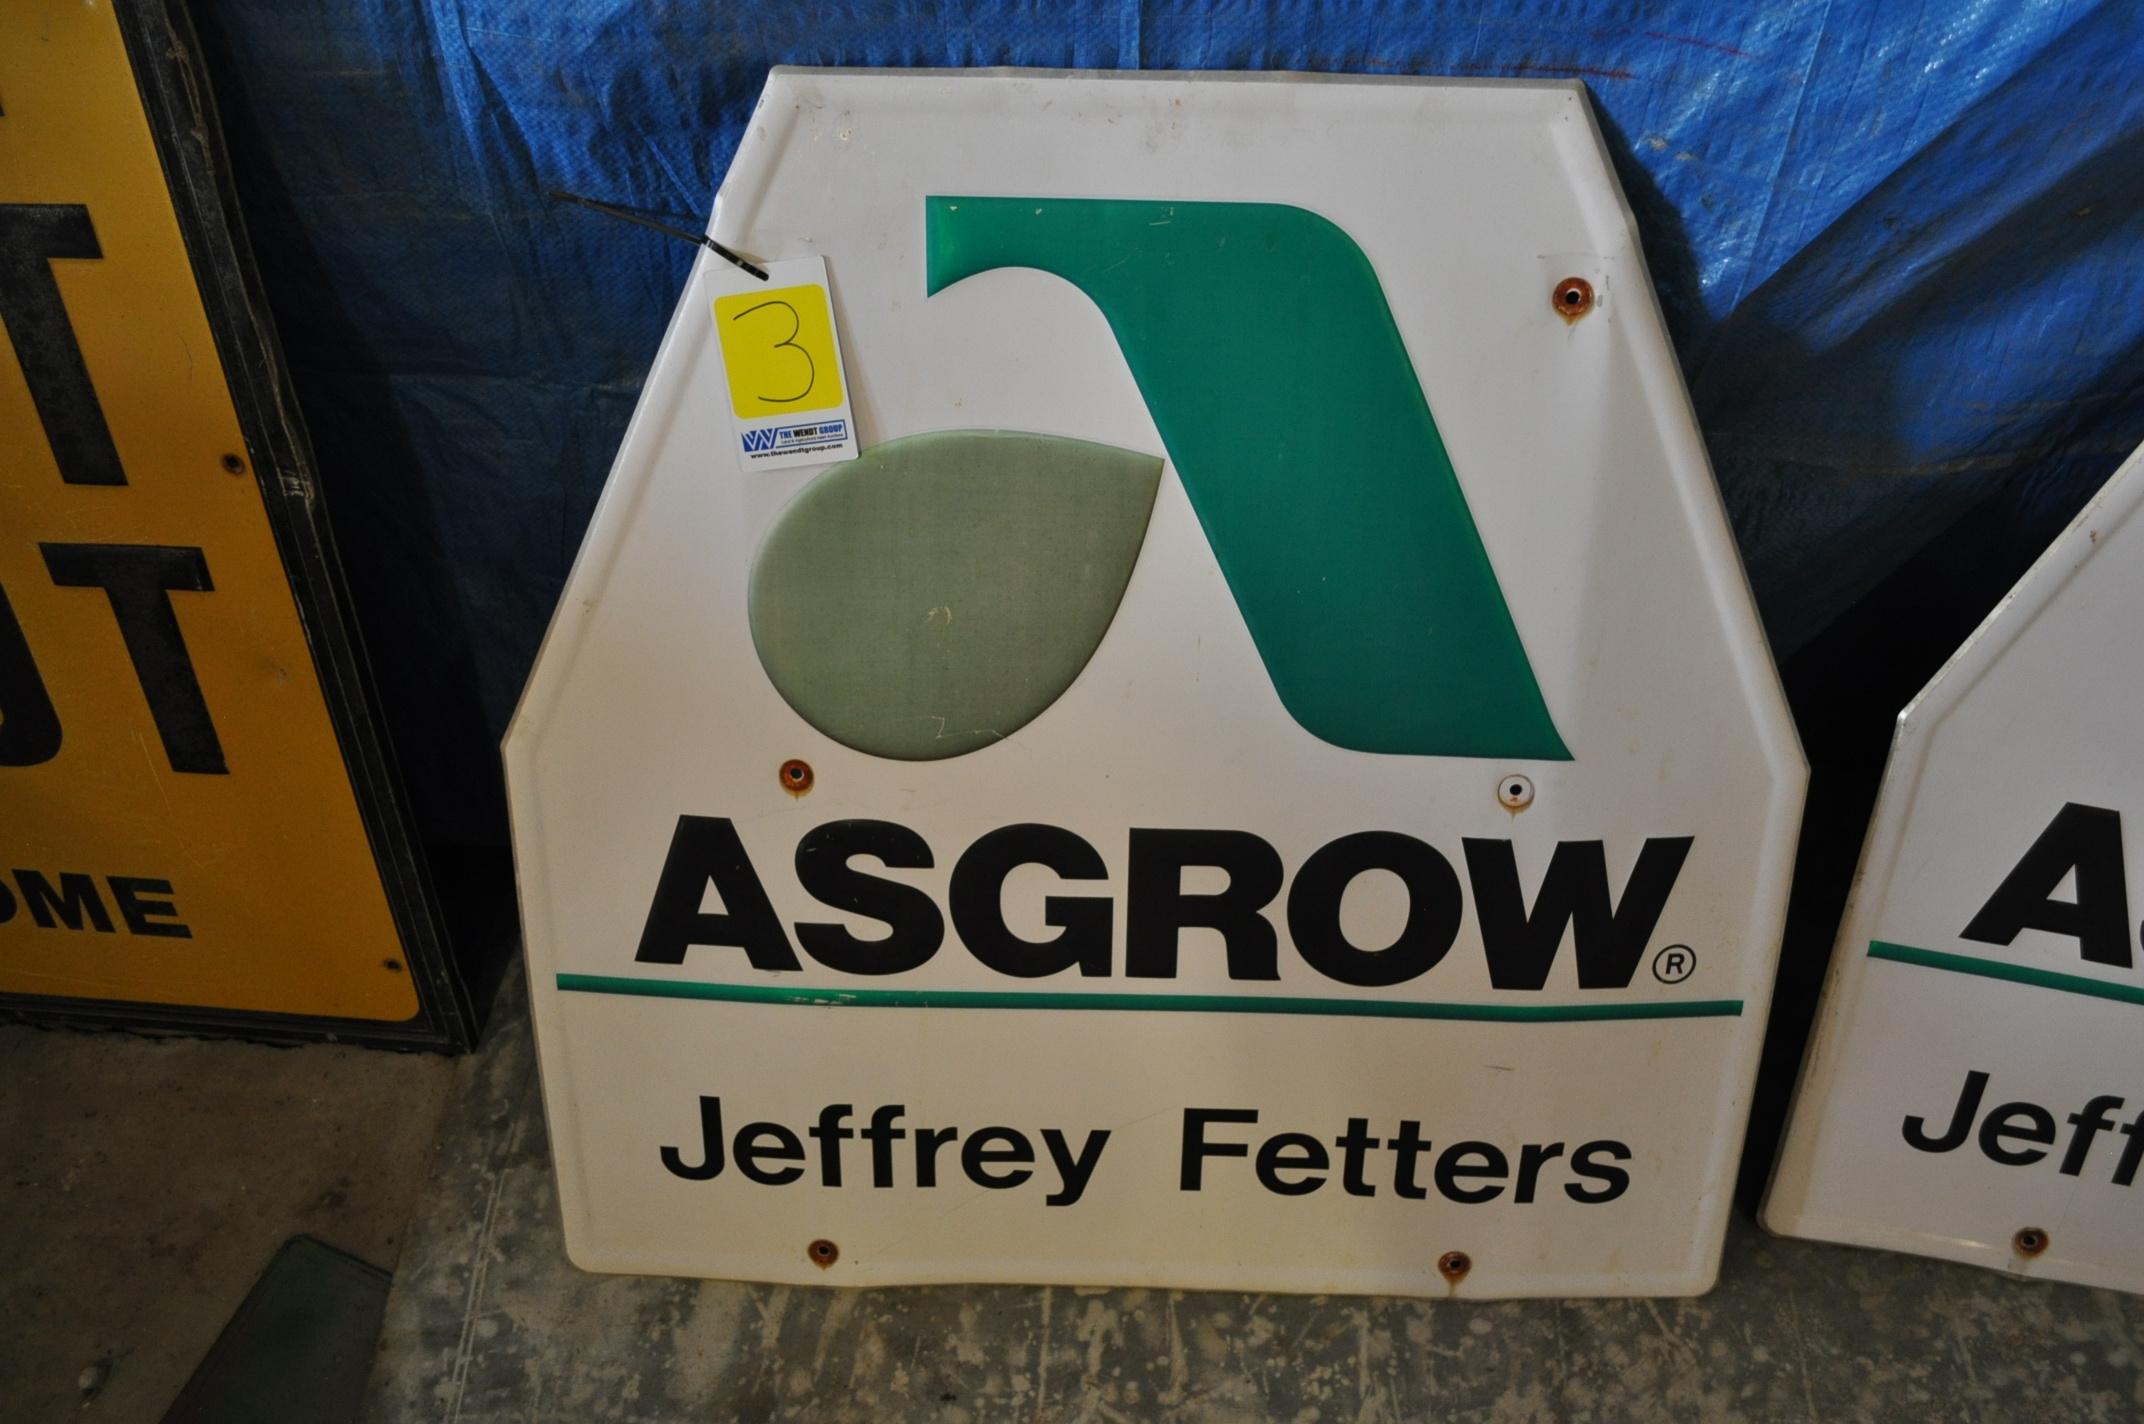 Metal Asgrow seed sign, Jeffery Fetters